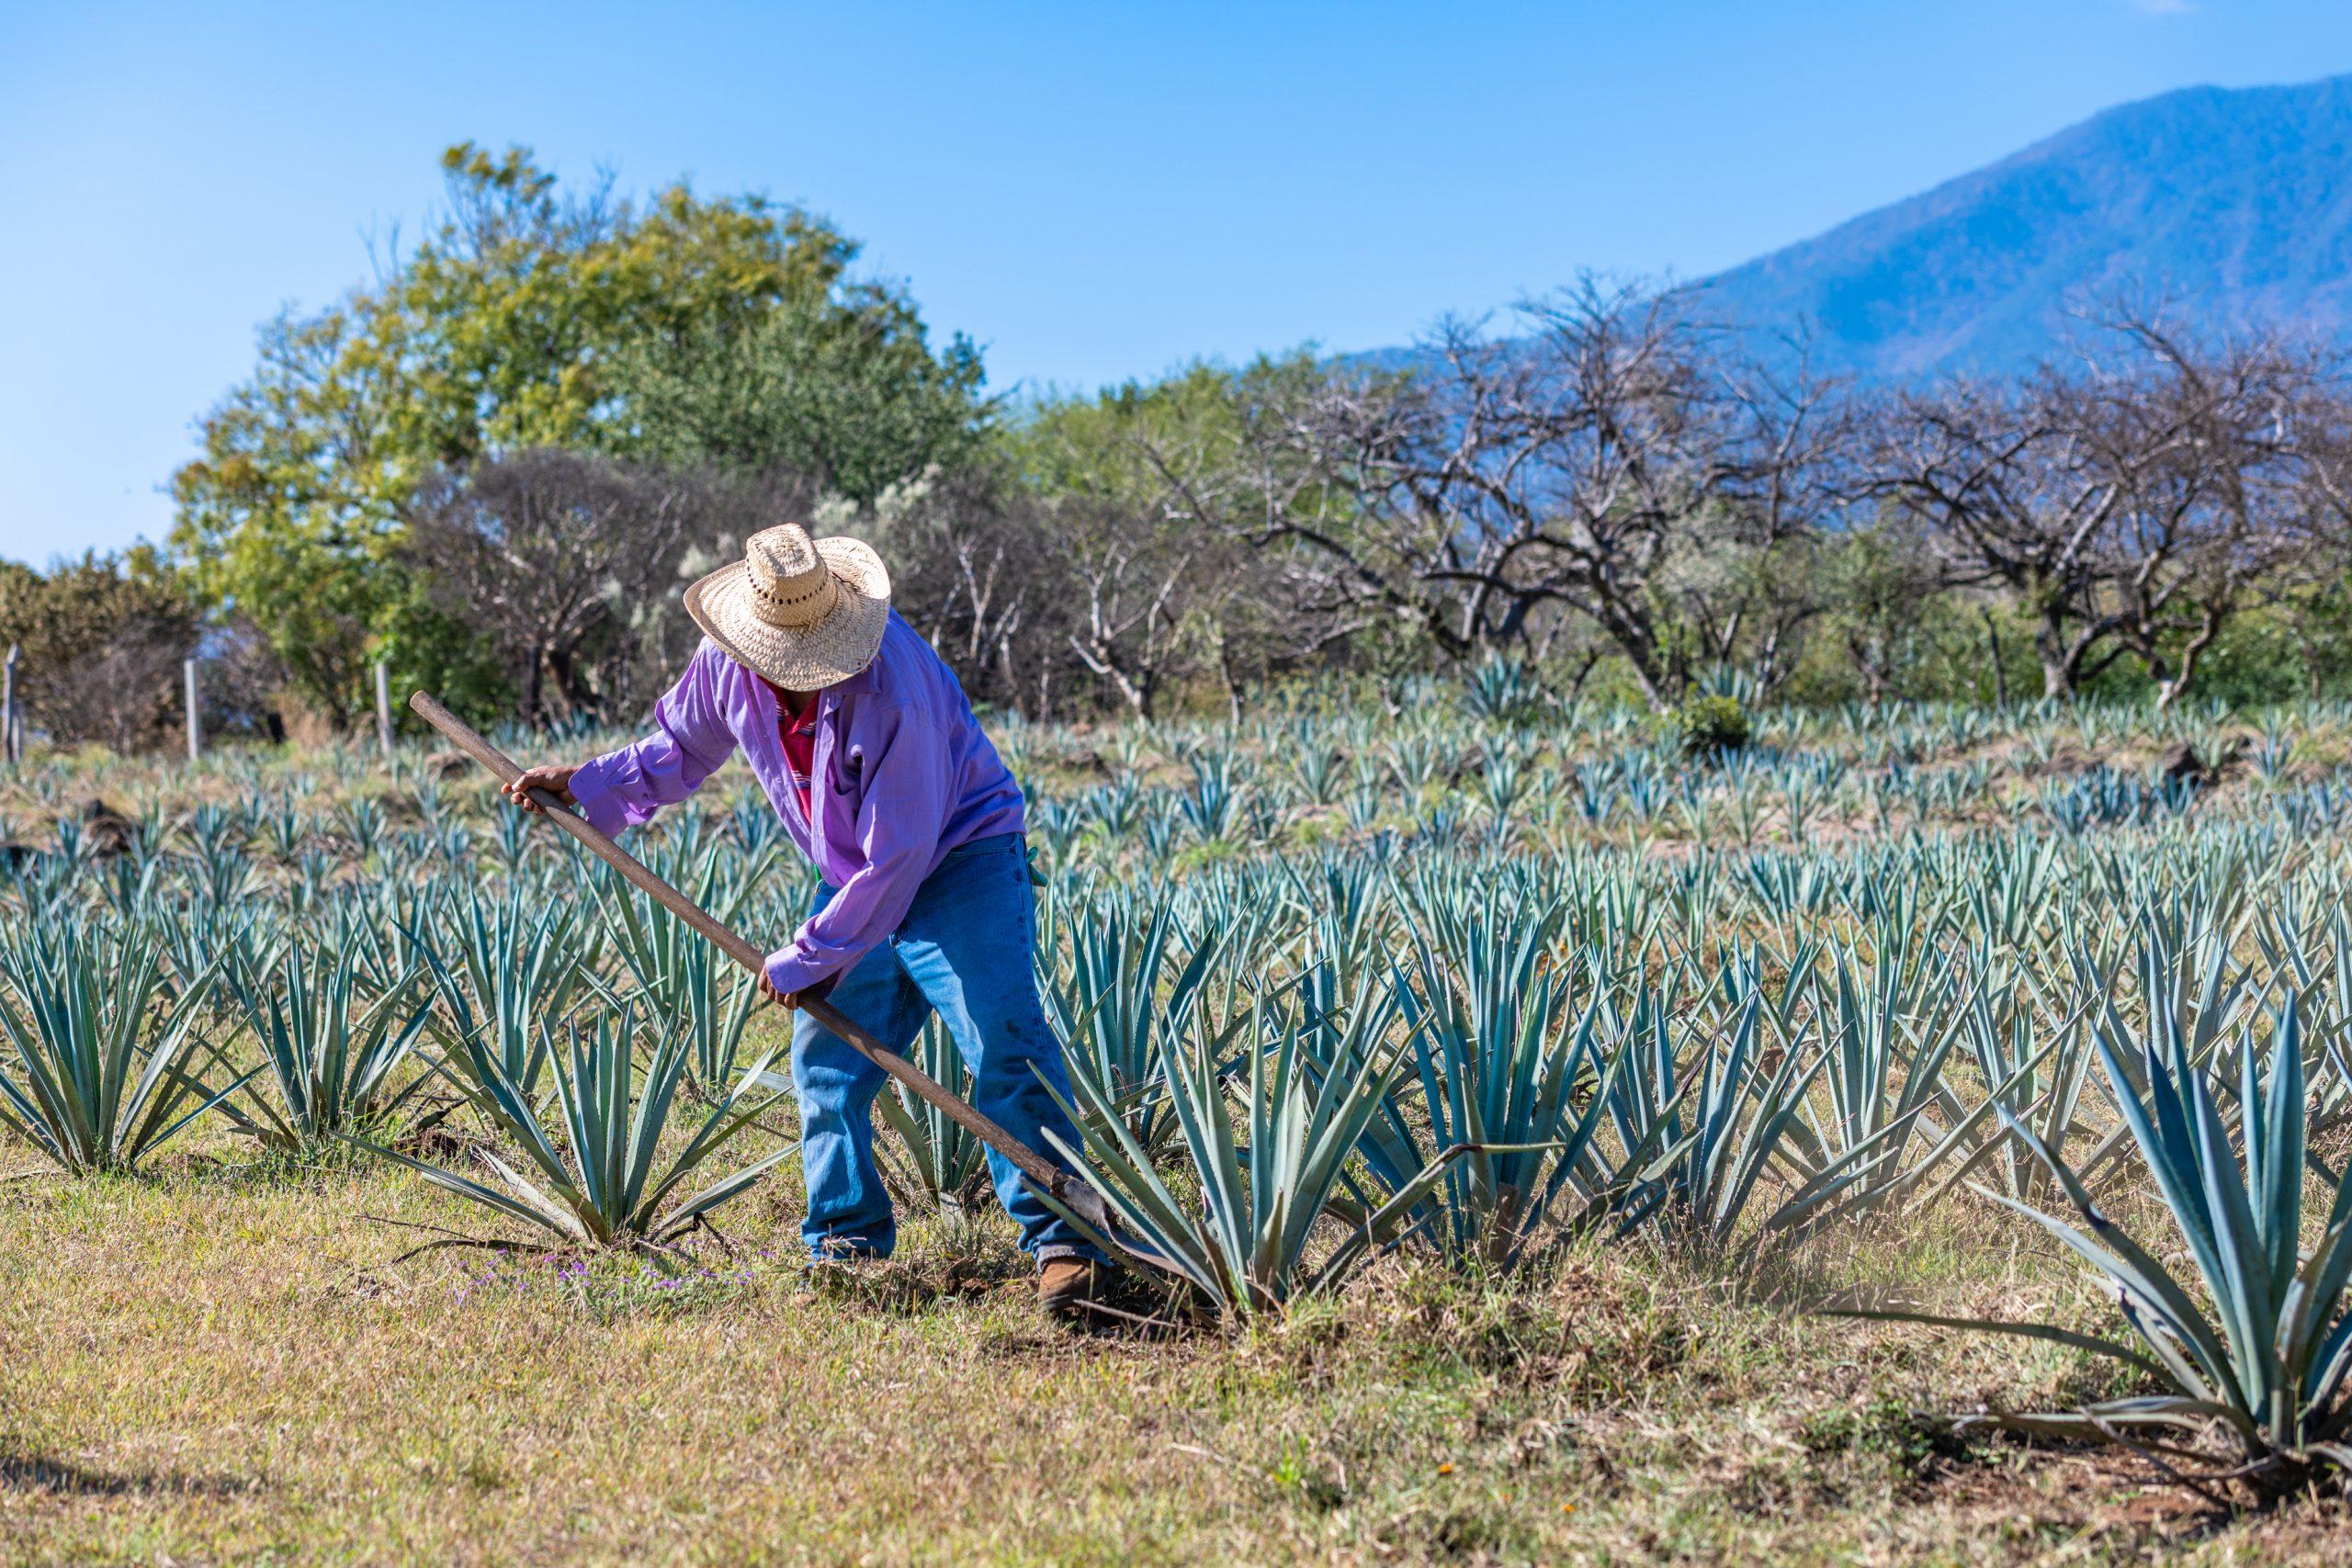 En qué consiste el famoso tequila tour jalisco